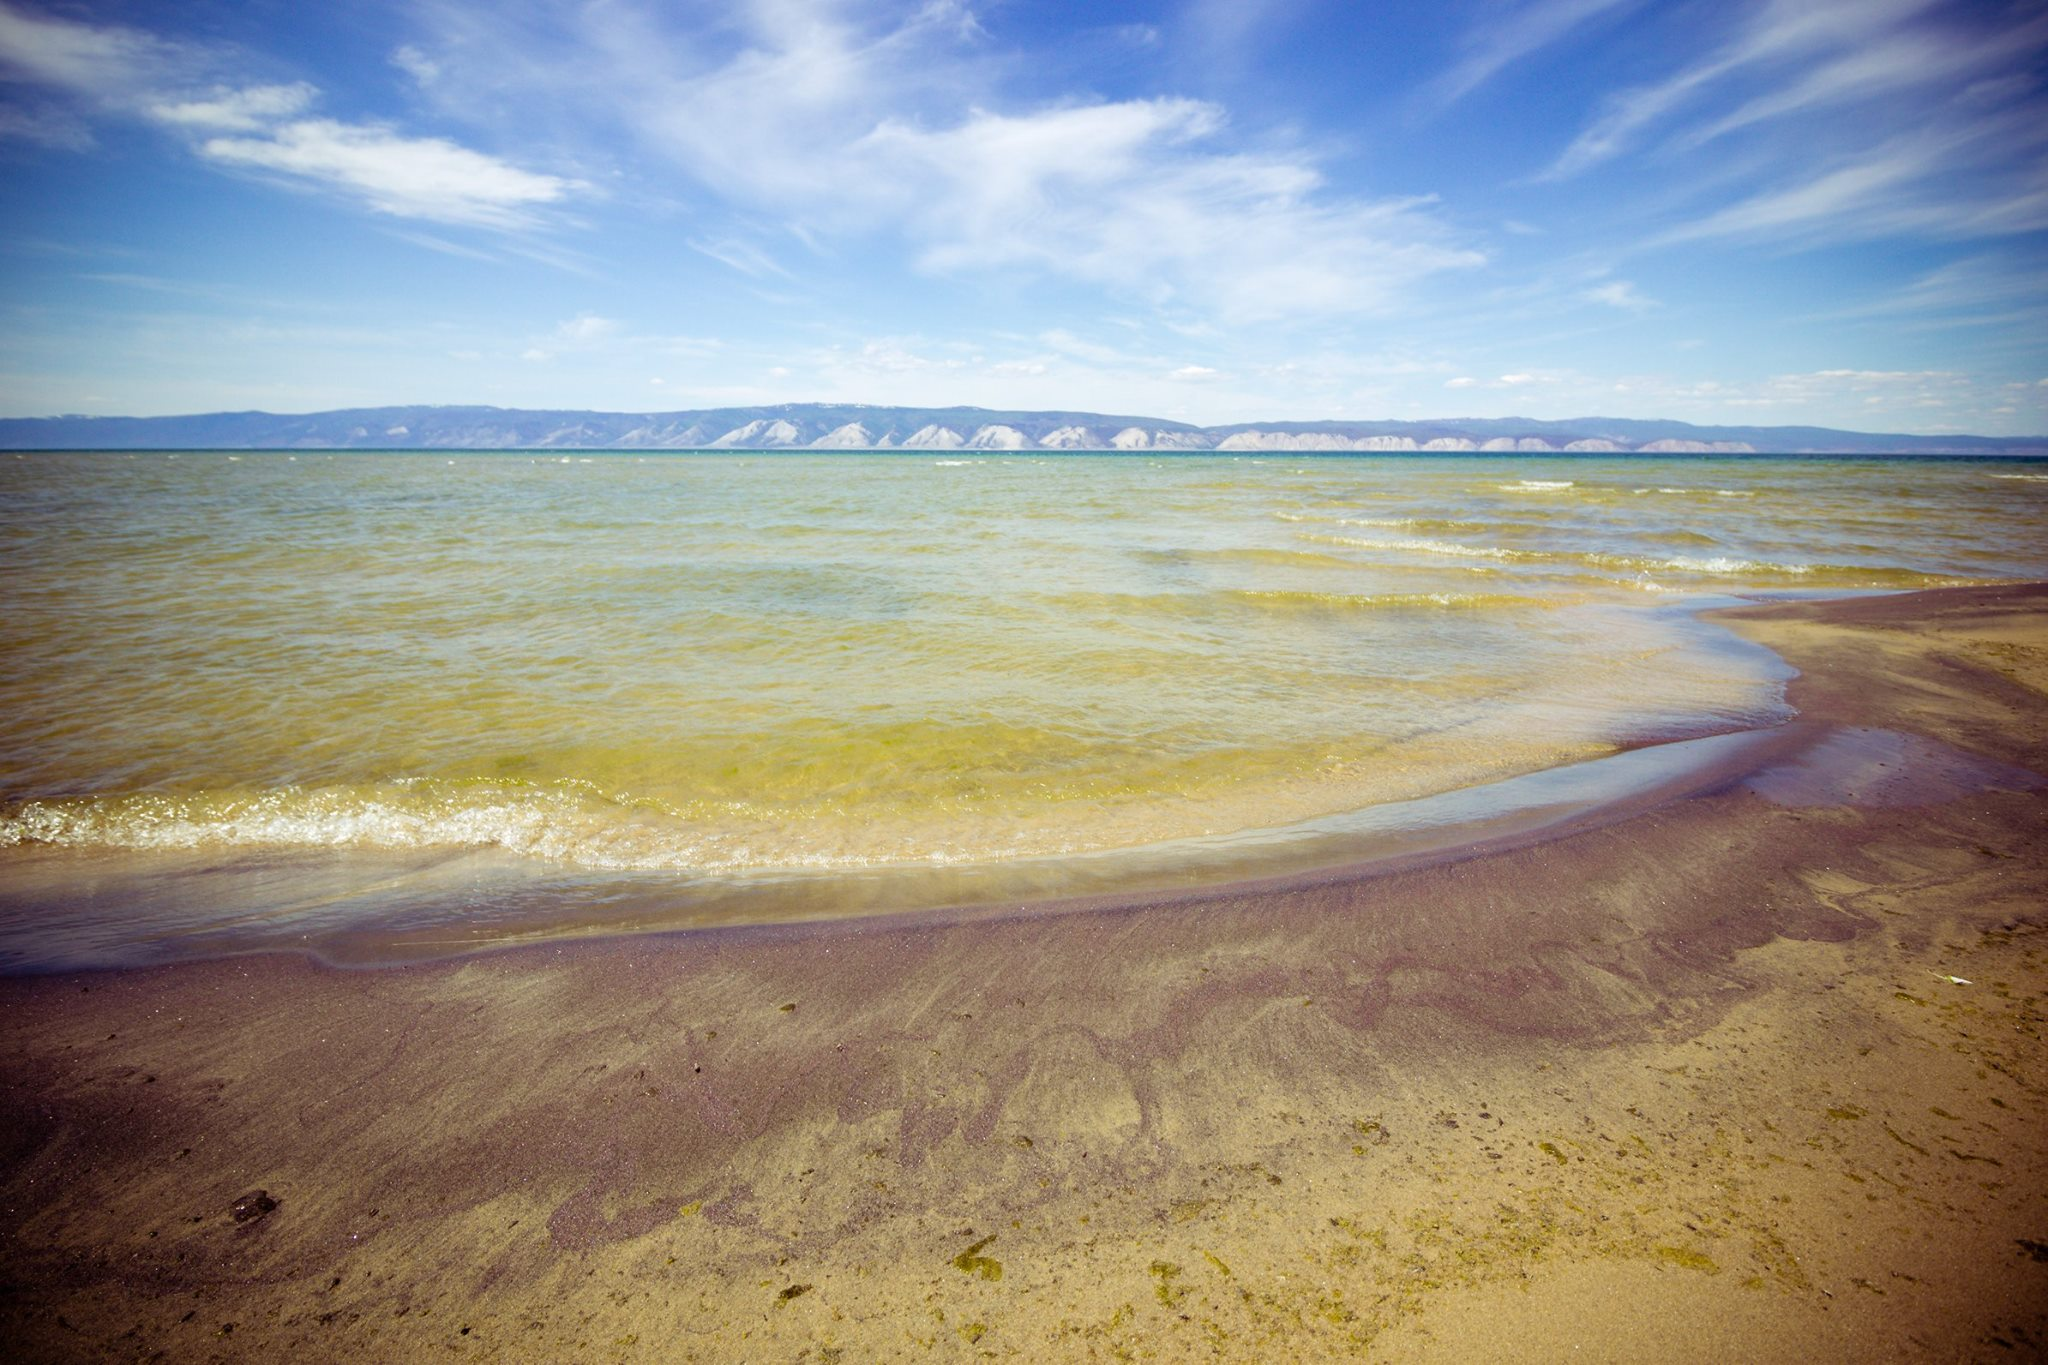 Hoje em dia, a crescente quantidade de algas, devido à presença de resíduos líquidos provenientes de instalações turísticas e assentamentos industriais, está ameaçando o frágil ecossistema do lago.